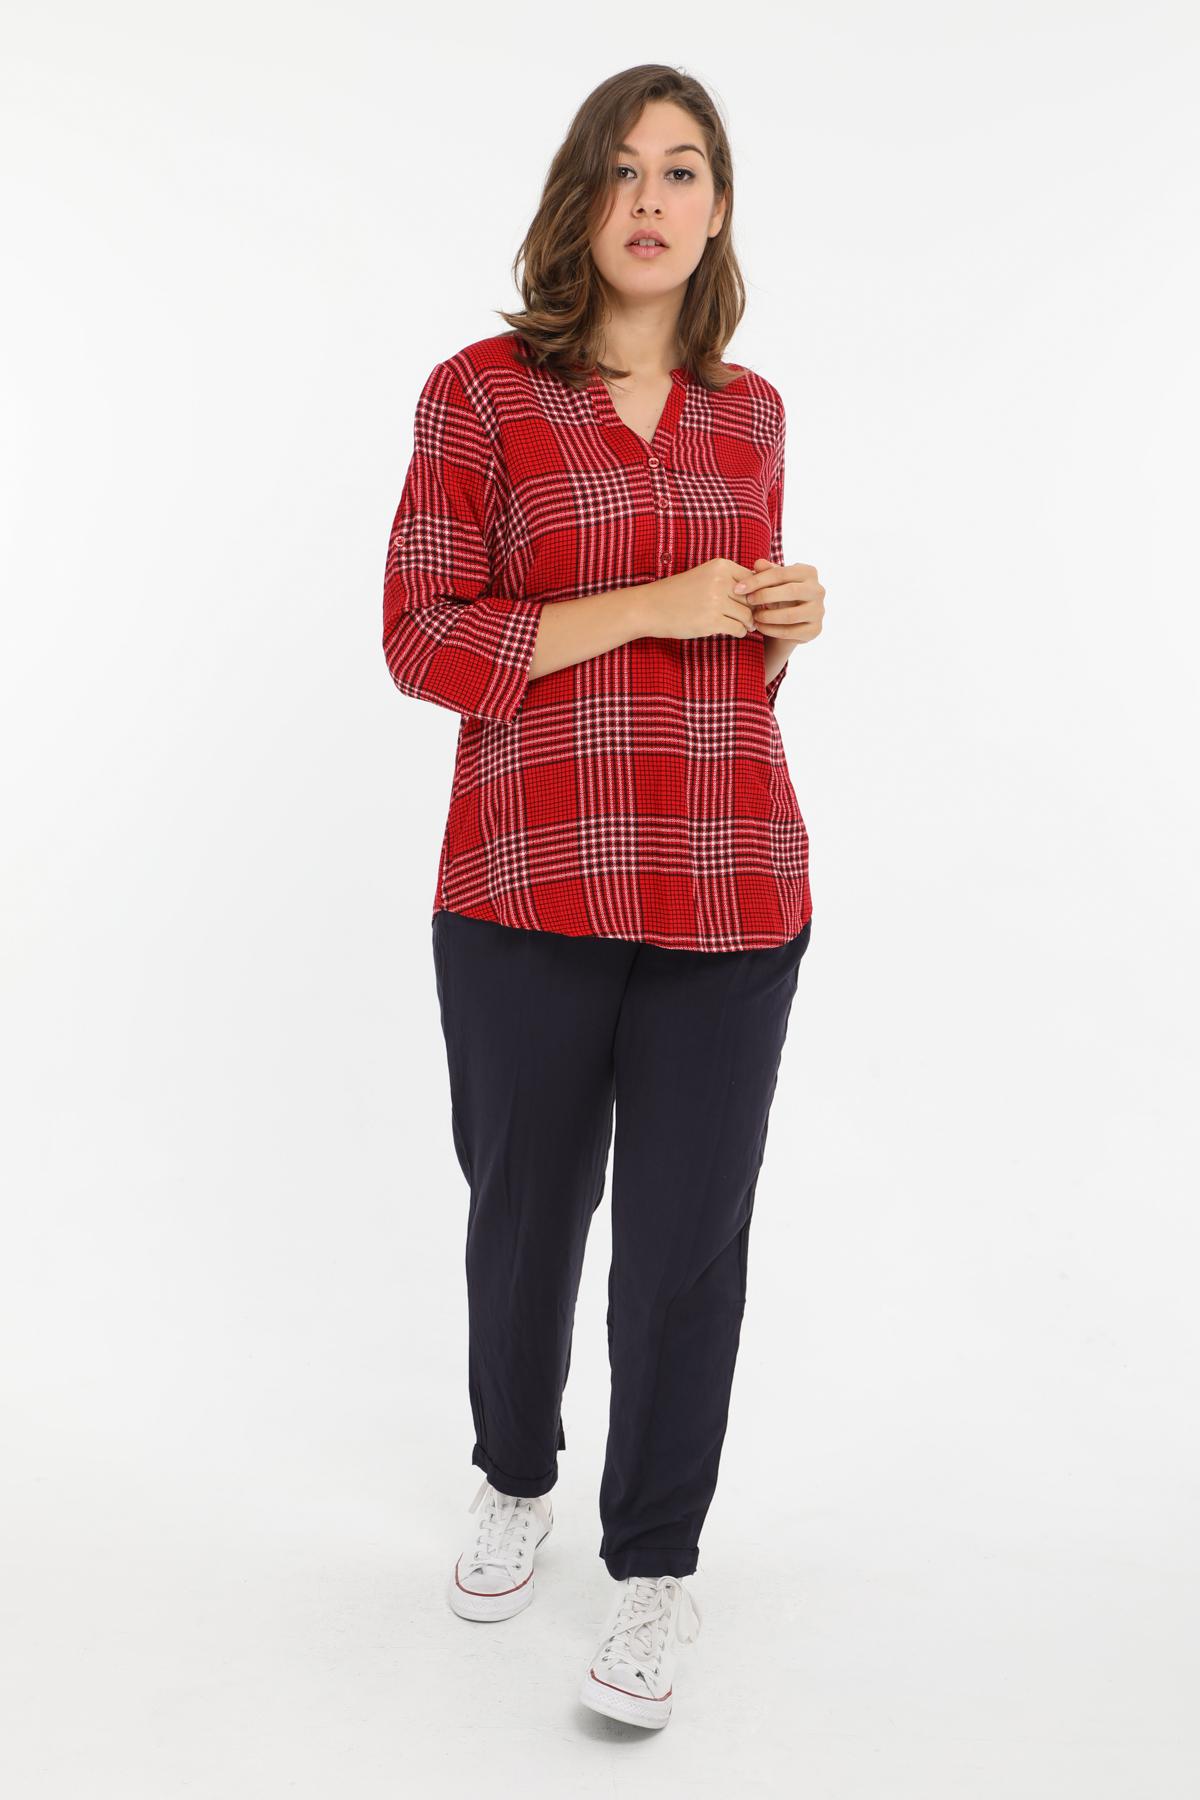 Chemises & blouses Femme Rouge Christy C225 #c eFashion Paris